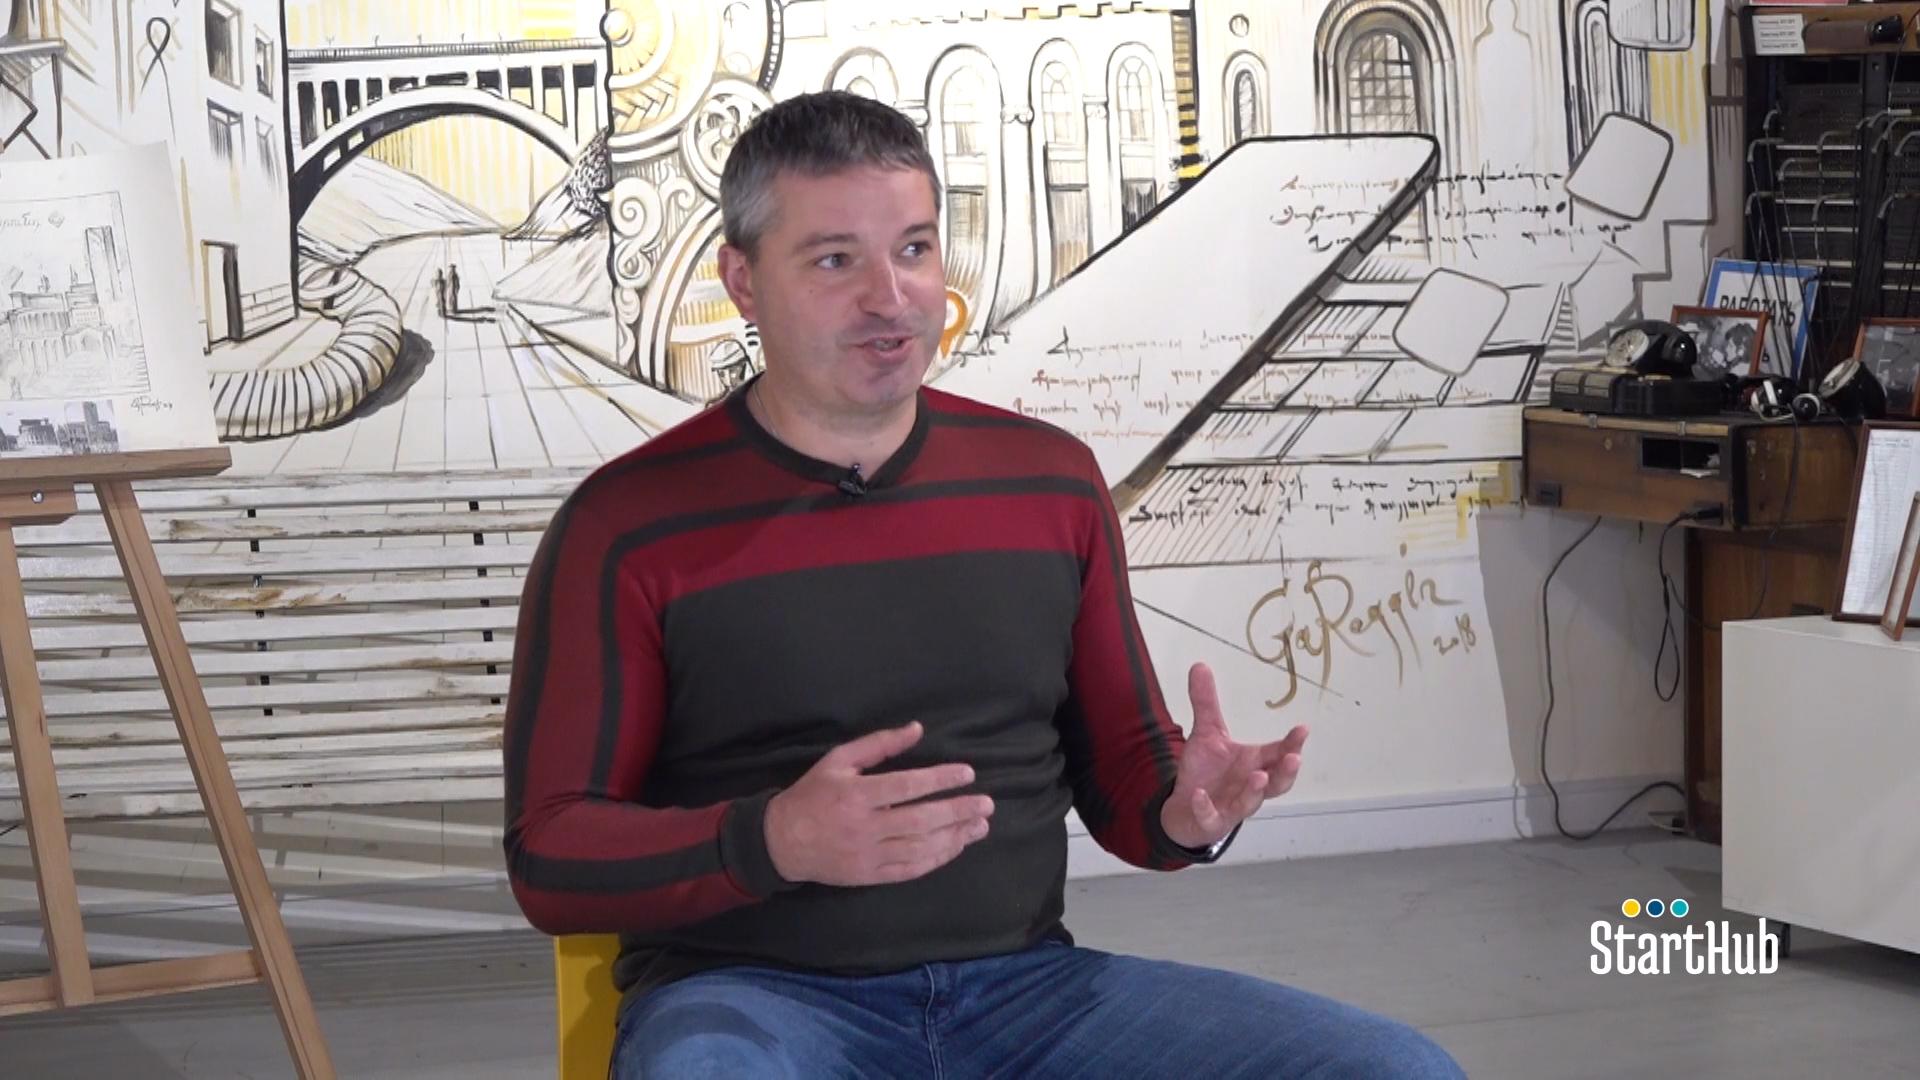 Starthub 360. Անդրեյ Պյատախին՝ Հայաստանում Beeline-ի գլխավոր տնօրեն